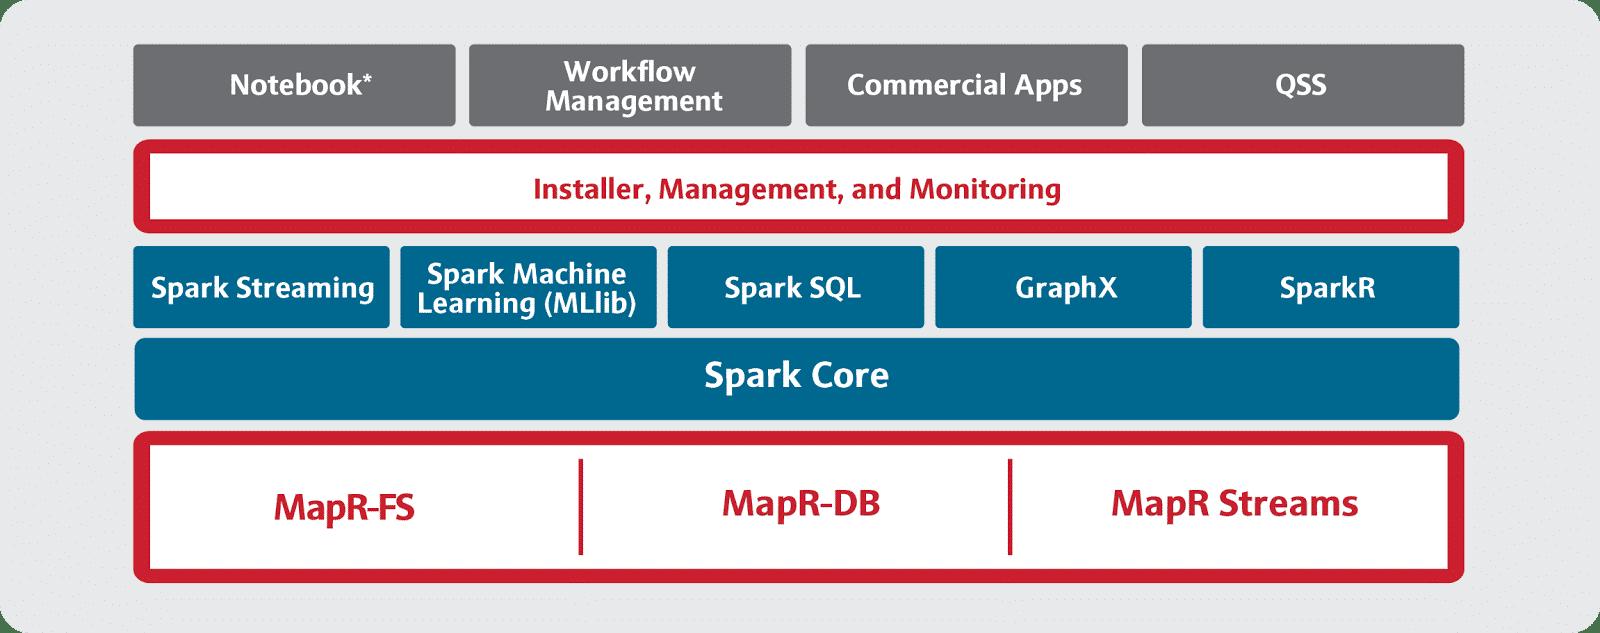 Kombination aus Spark-Stack und proprietärer Datenverwaltung